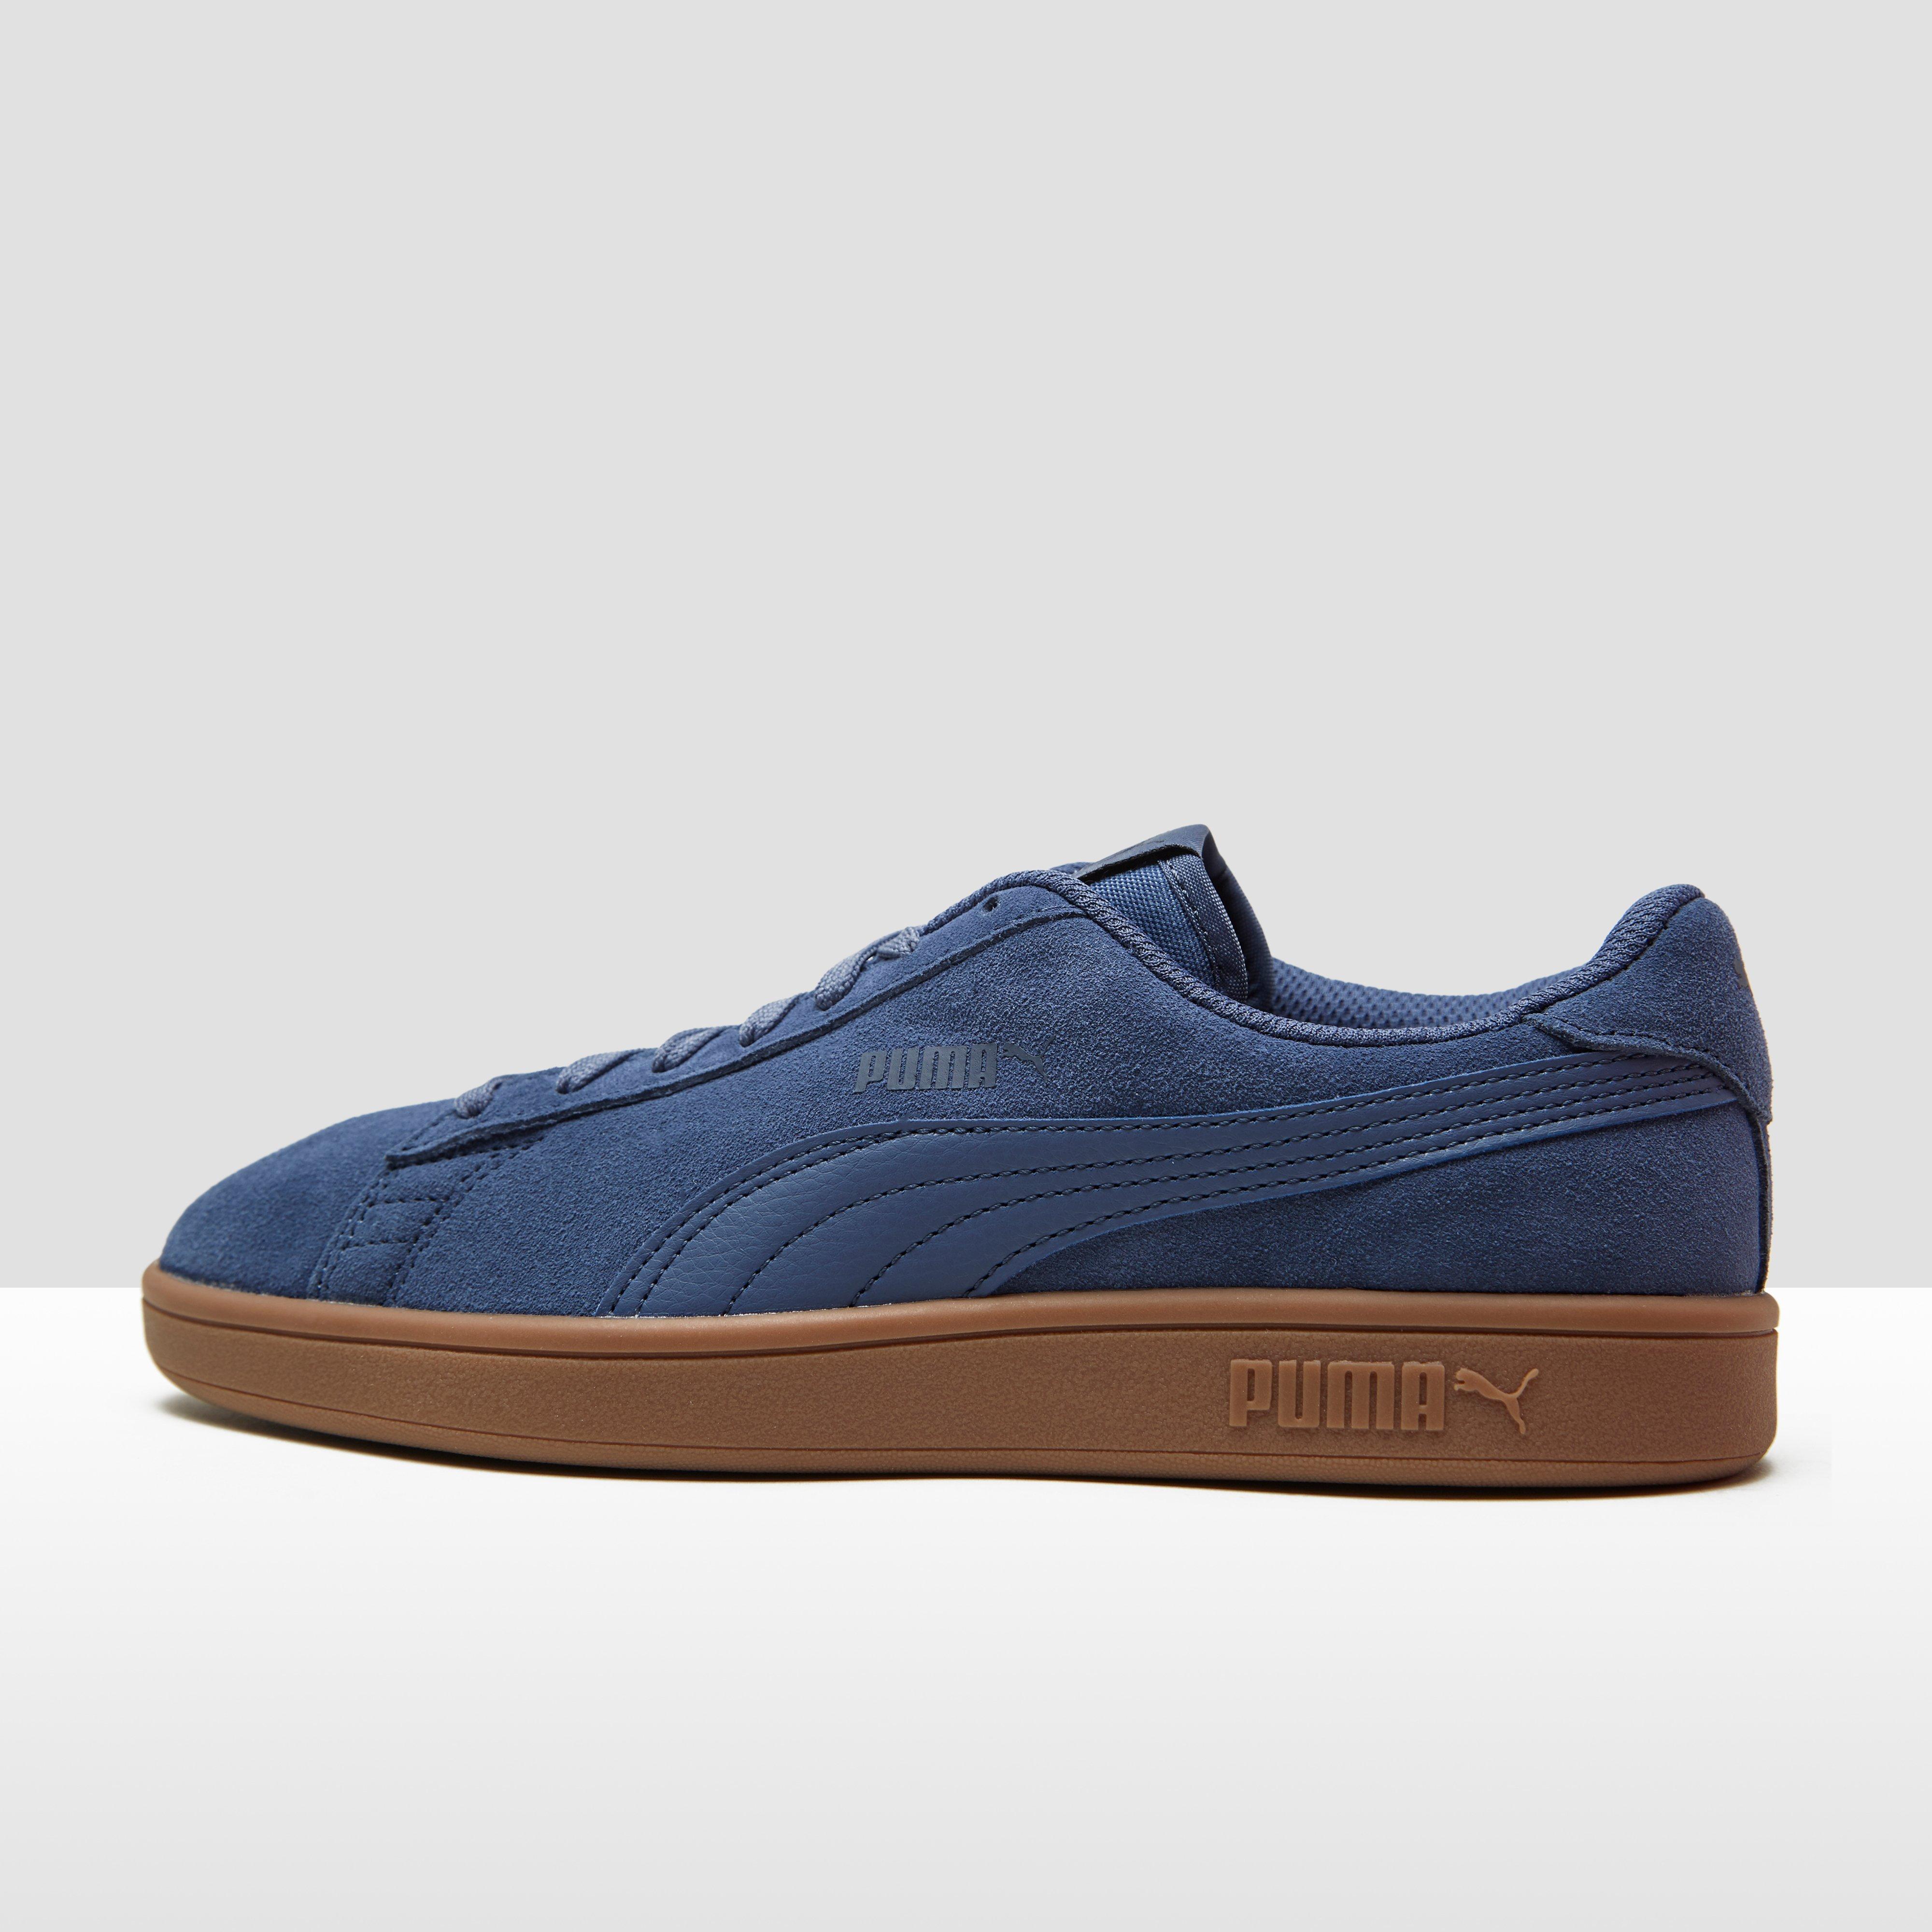 Pumas - Smash Baskets V2 - Hommes - Chaussures - Bleu - 41 jkze7da